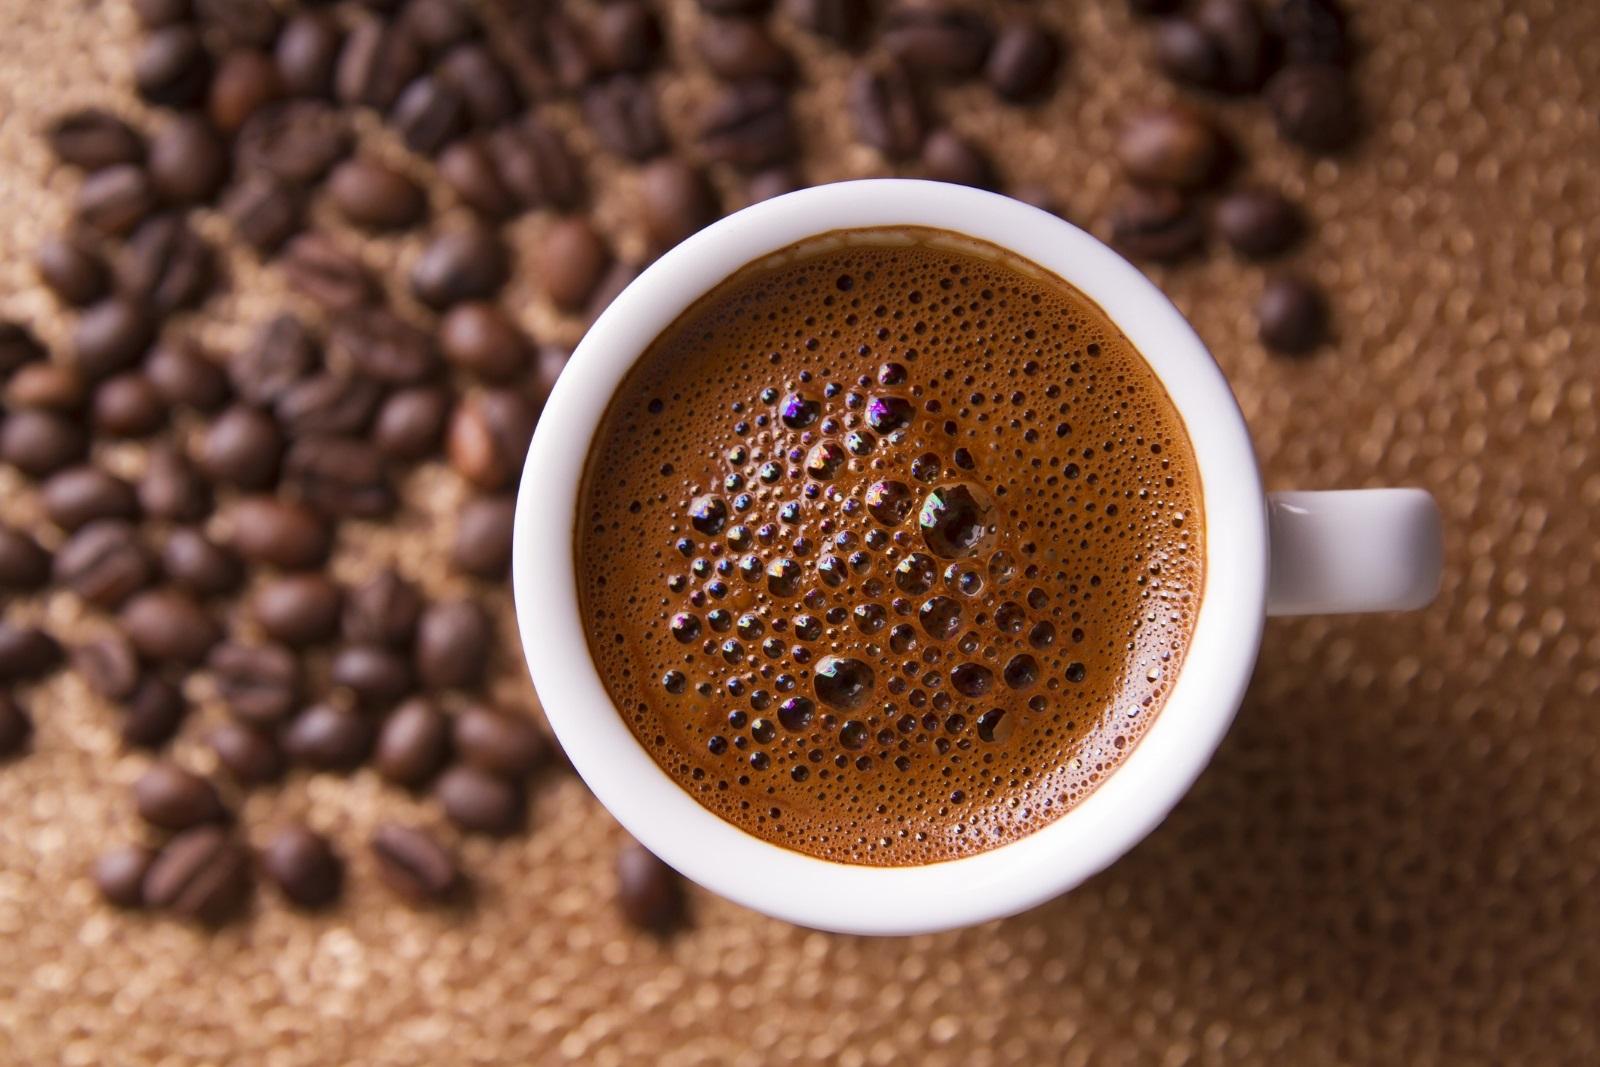 Защитено е от ЮНЕСКО<br /> С уникалната си система на запарване и приготвяне, традиционното турско кафе бе включено в списъка на нематериалното културно наследство на човечеството през 2013 г.